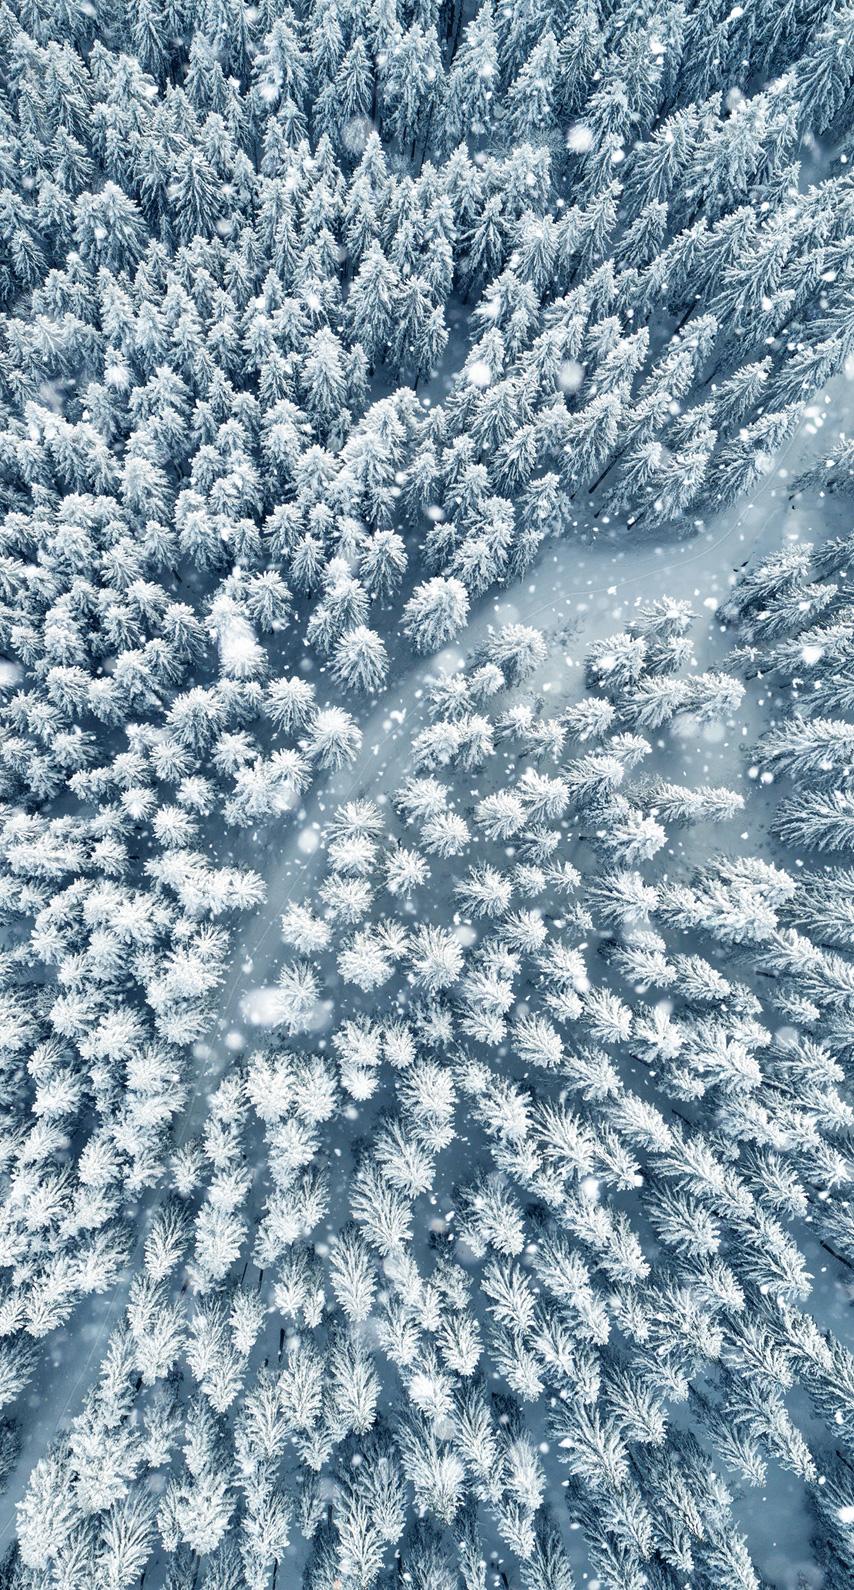 glacial landform, fir